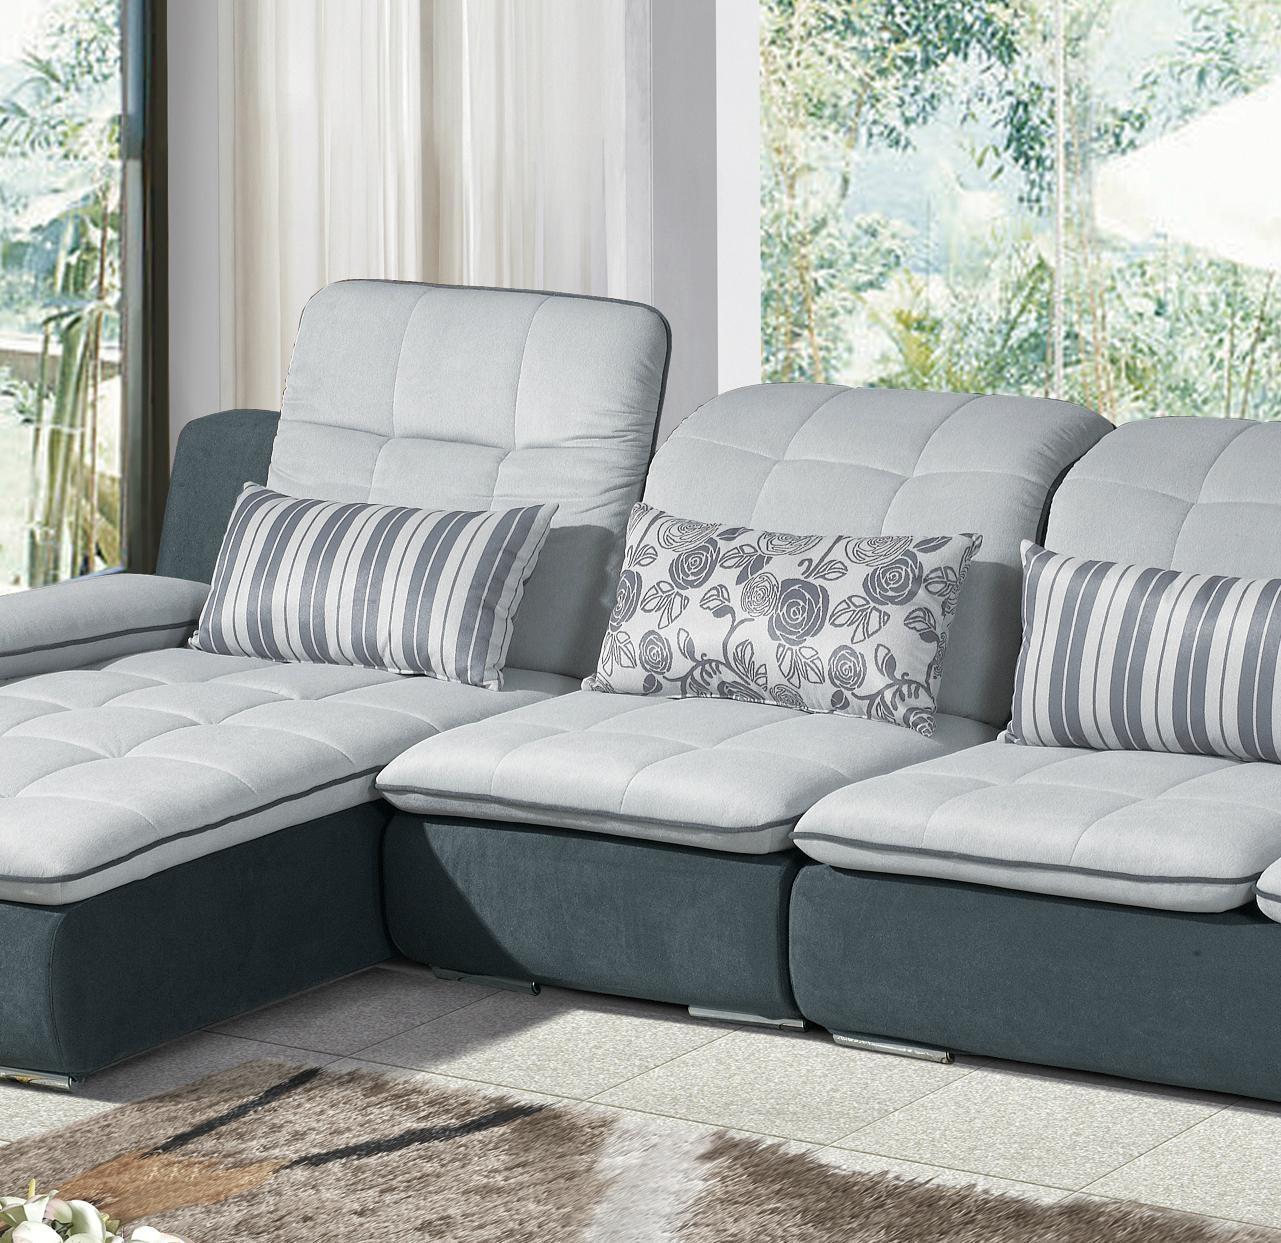 布艺沙发包装